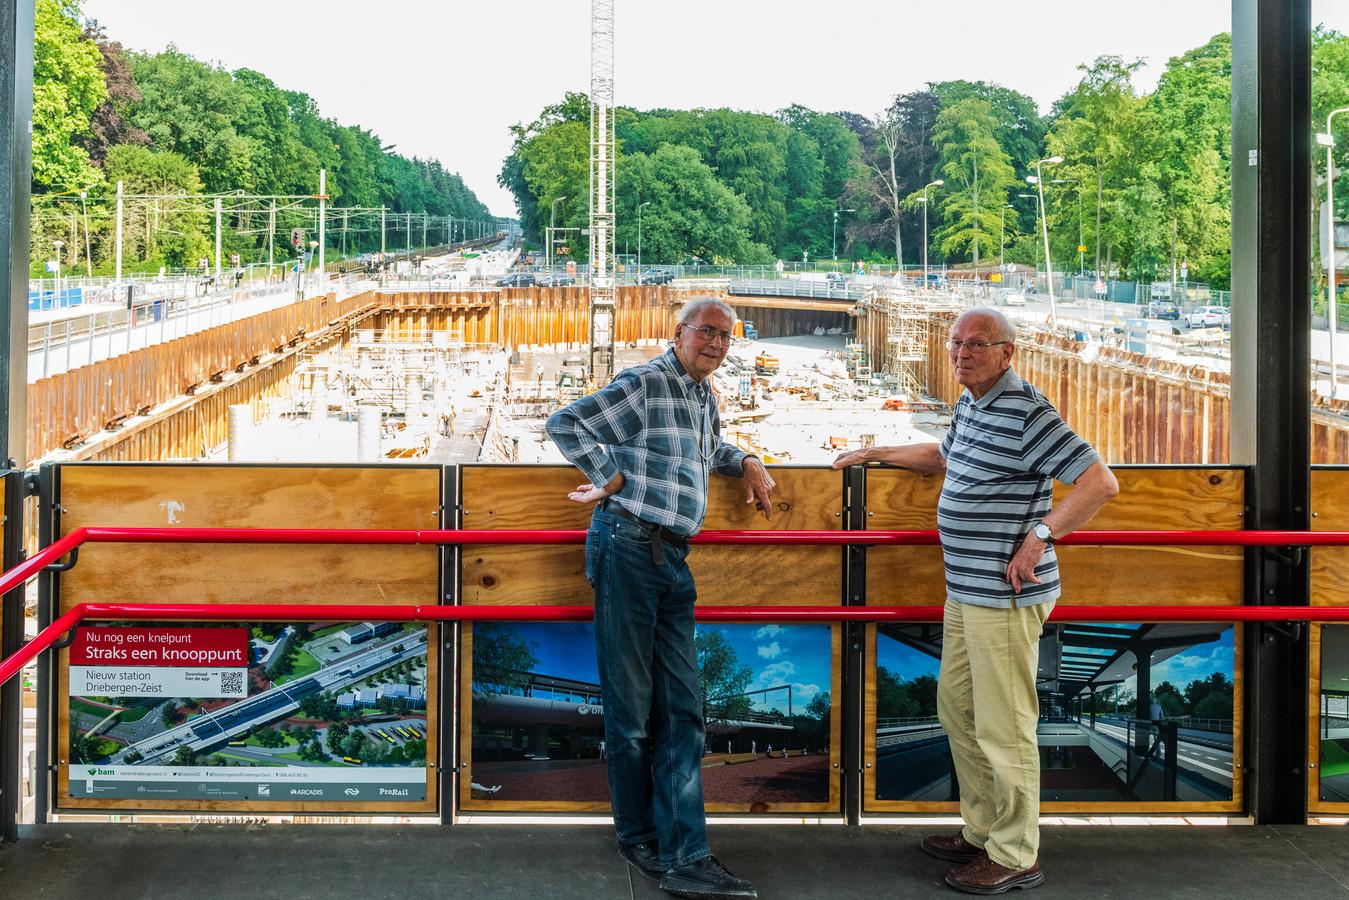 Wim Olsman (85) en Joost Krabendam (92) komen regelmatig poolshoogte nemen bij de bouwwerkzaamheden van Station Driebergen Zeist.